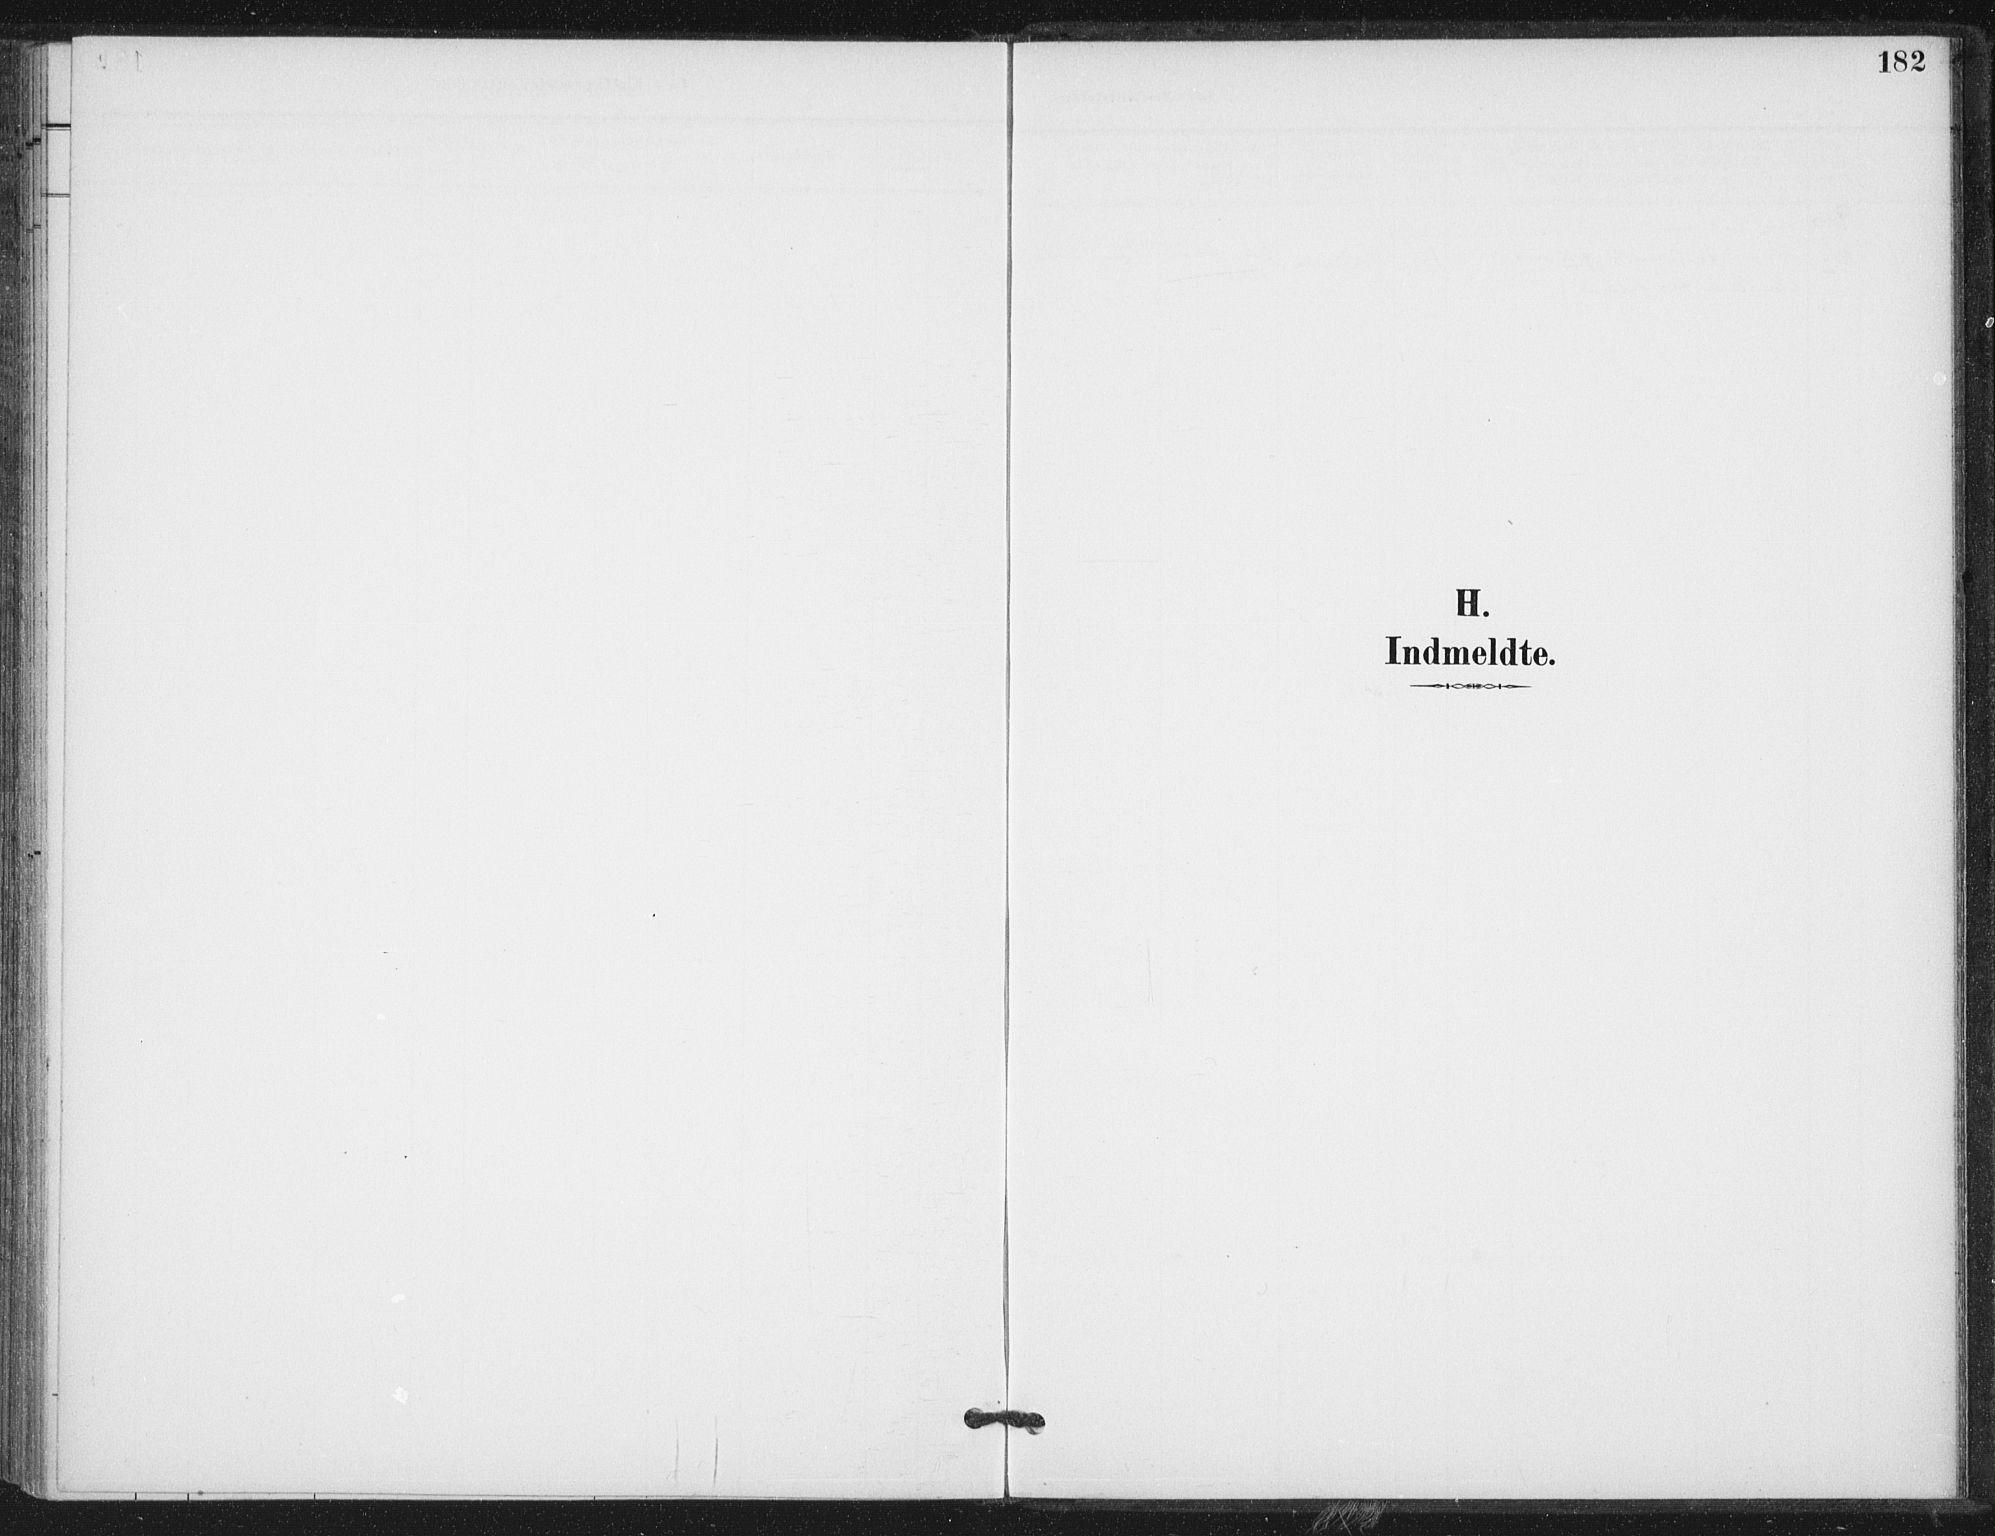 SAT, Ministerialprotokoller, klokkerbøker og fødselsregistre - Nord-Trøndelag, 714/L0131: Ministerialbok nr. 714A02, 1896-1918, s. 182